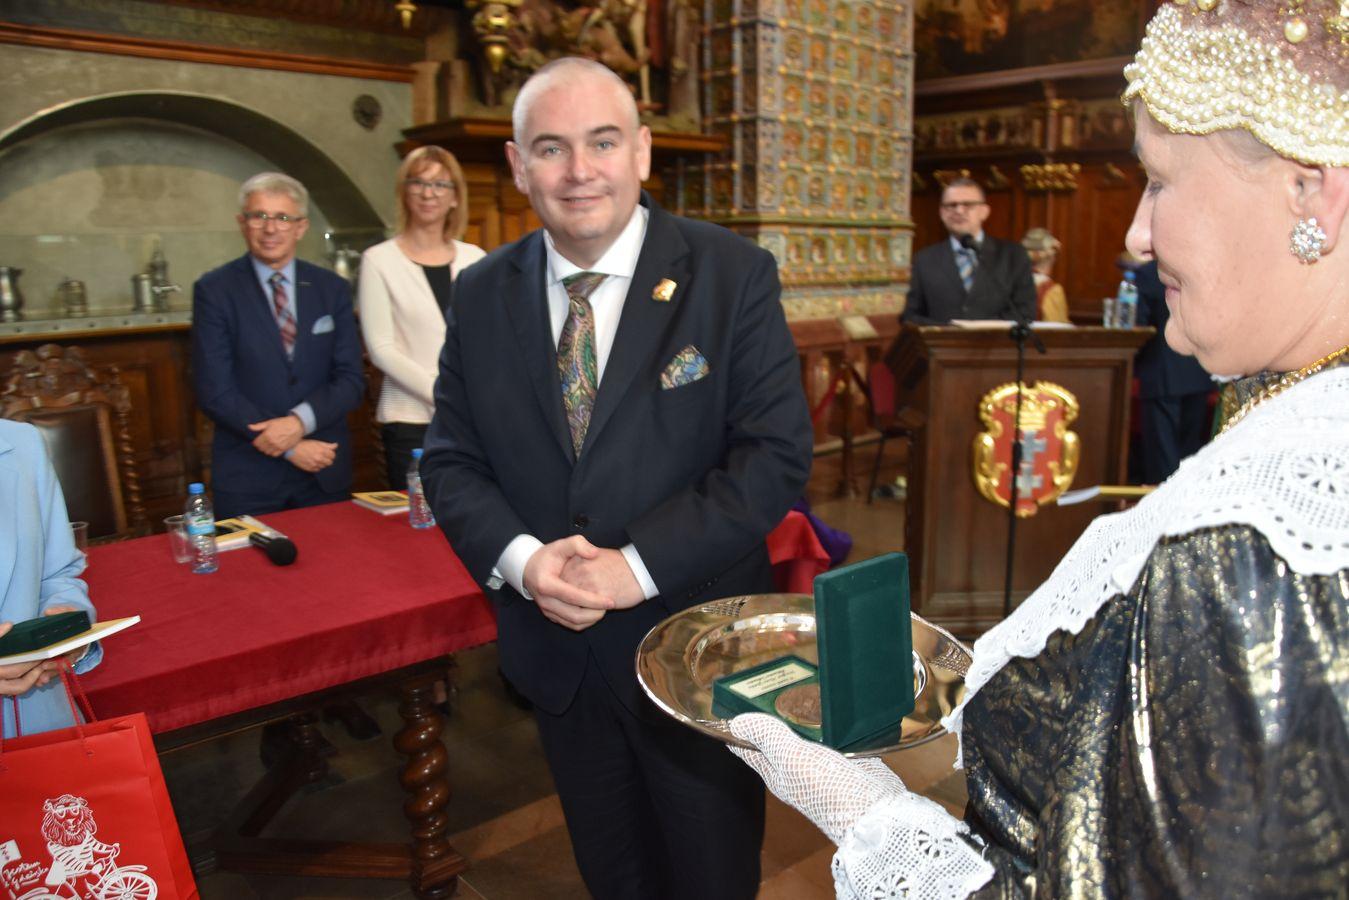 Wiceprezydent Gdańska w Dworze Artusa Fot. J.Wikowski A31_7429